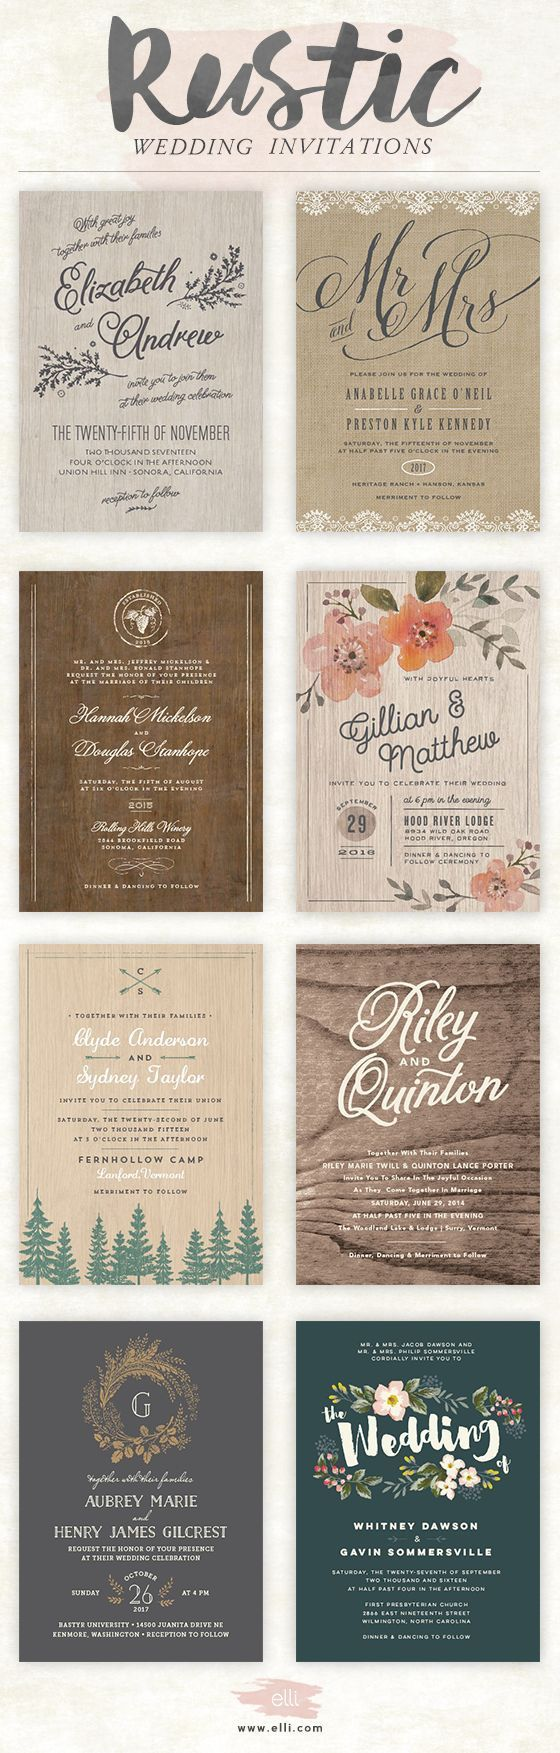 Rustic wedding invitations | bellacollina.com | Bella Collina Weddings